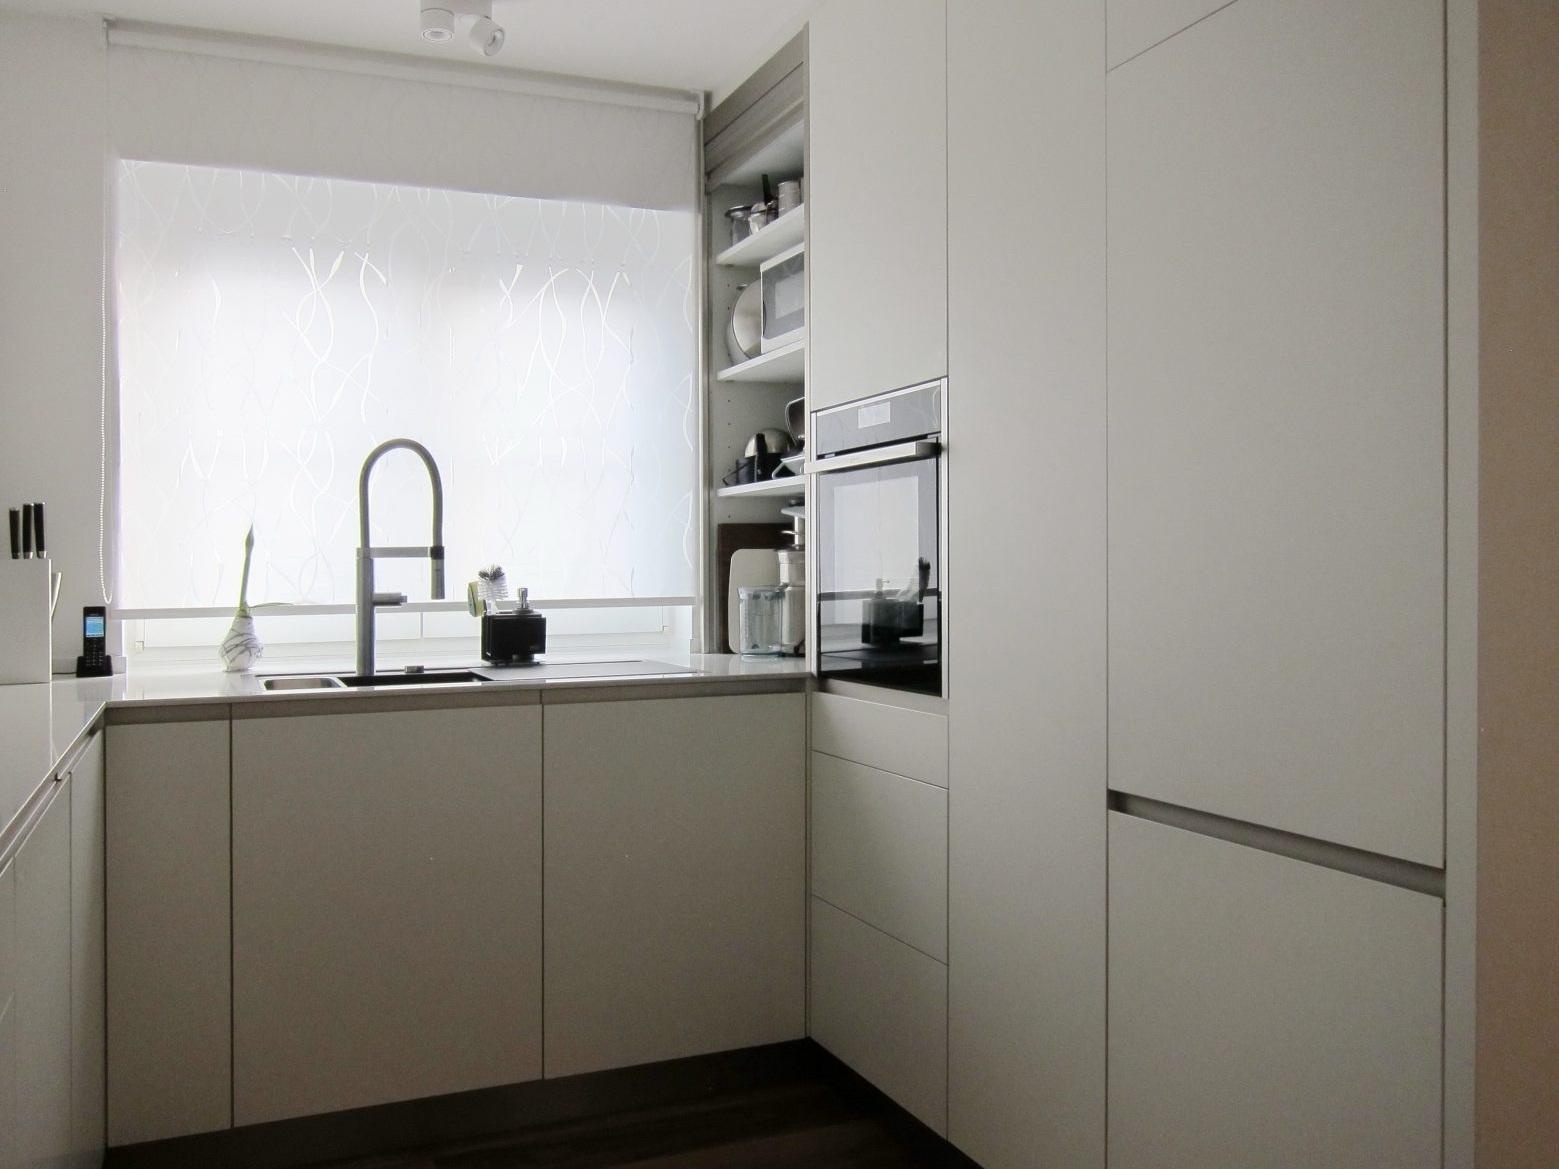 Eine Küche öffnet sich - Rollladen geöffnet